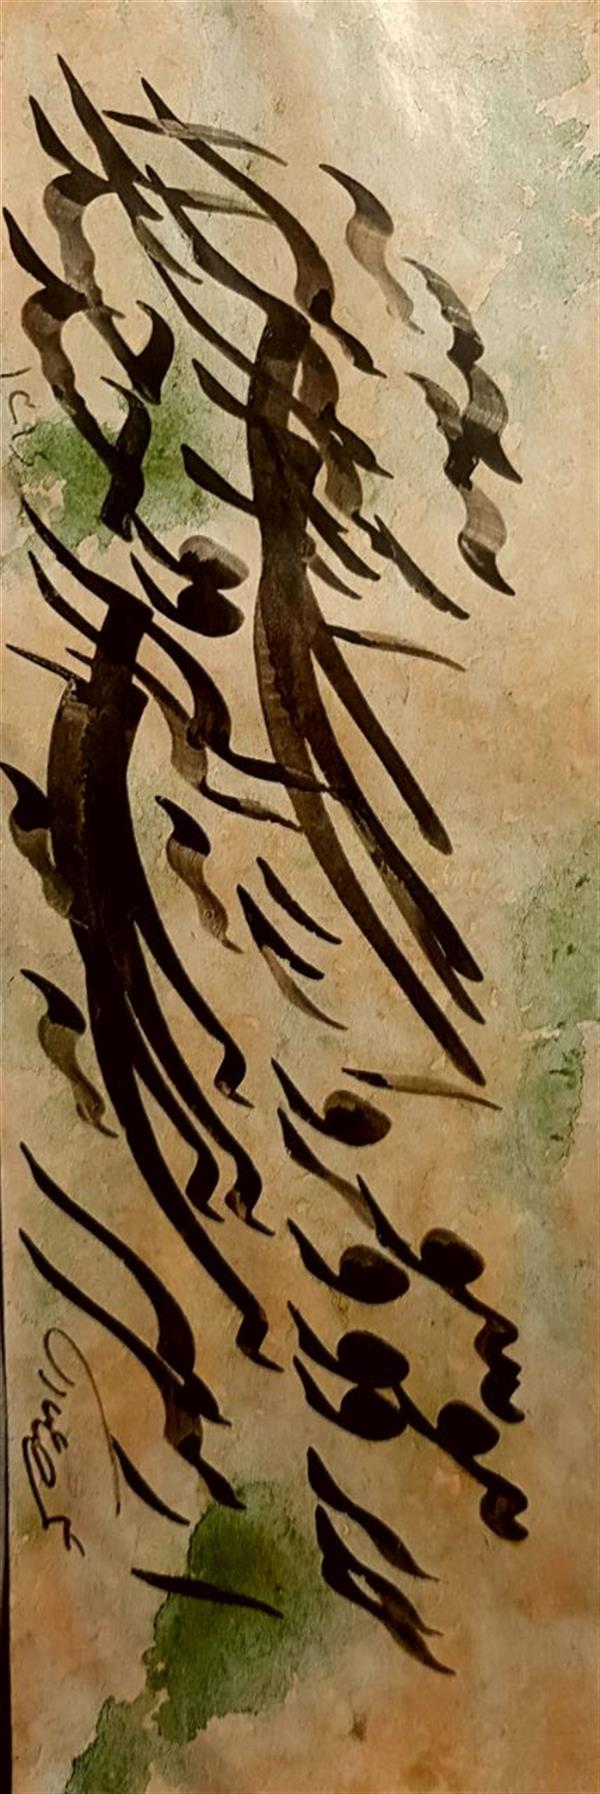 هنر خوشنویسی محفل خوشنویسی علیرضاعبادی قطعه سیاه مشق دفتری ، قلم مشقی ،متن:بروازسربنه کبروحسدرا